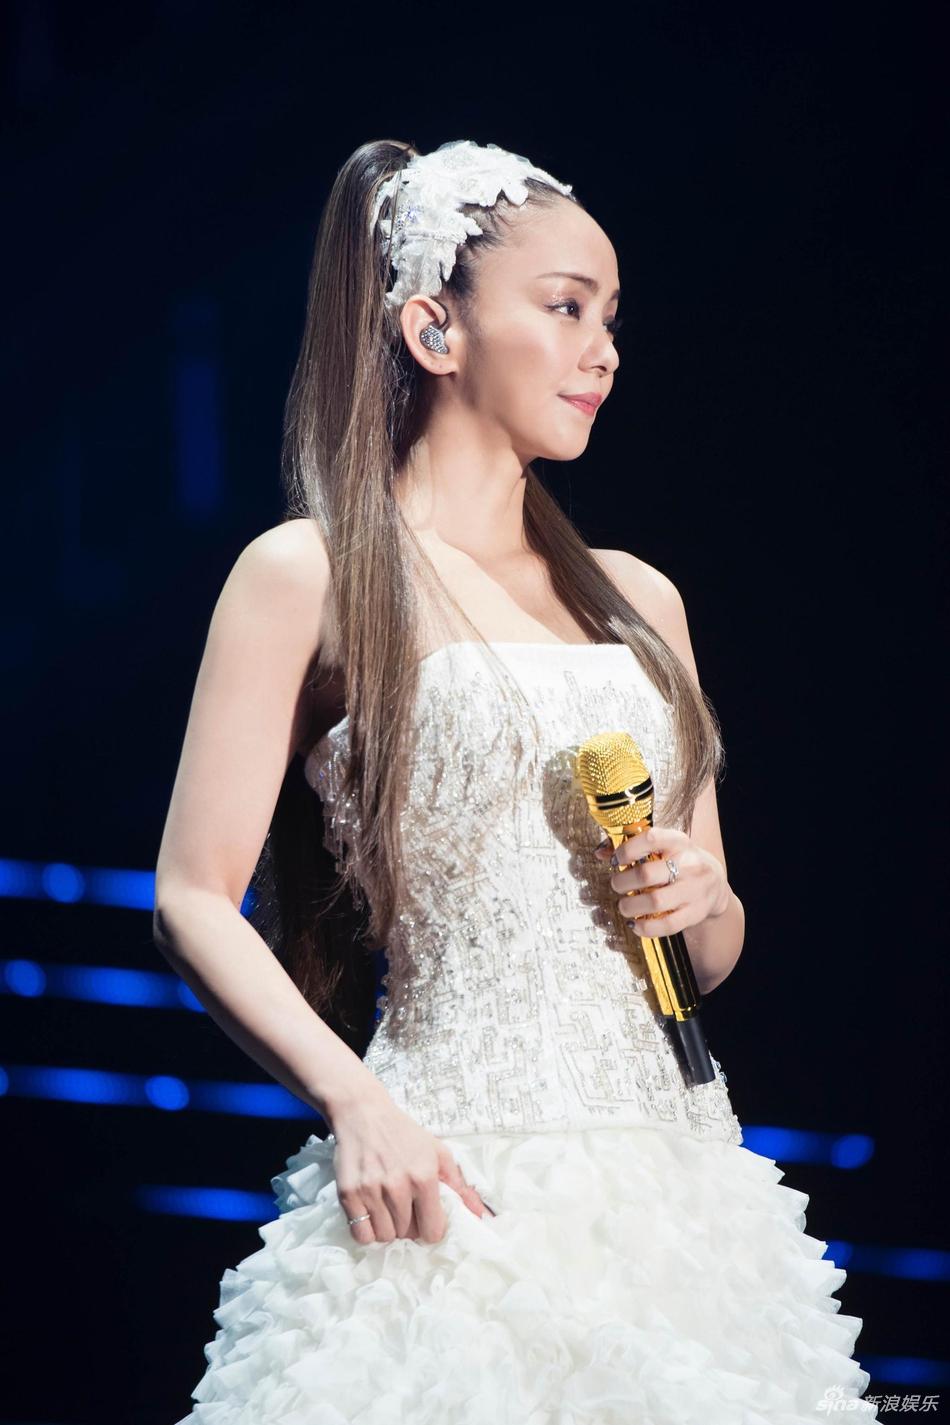 安室奈美惠泪崩谢台湾歌迷